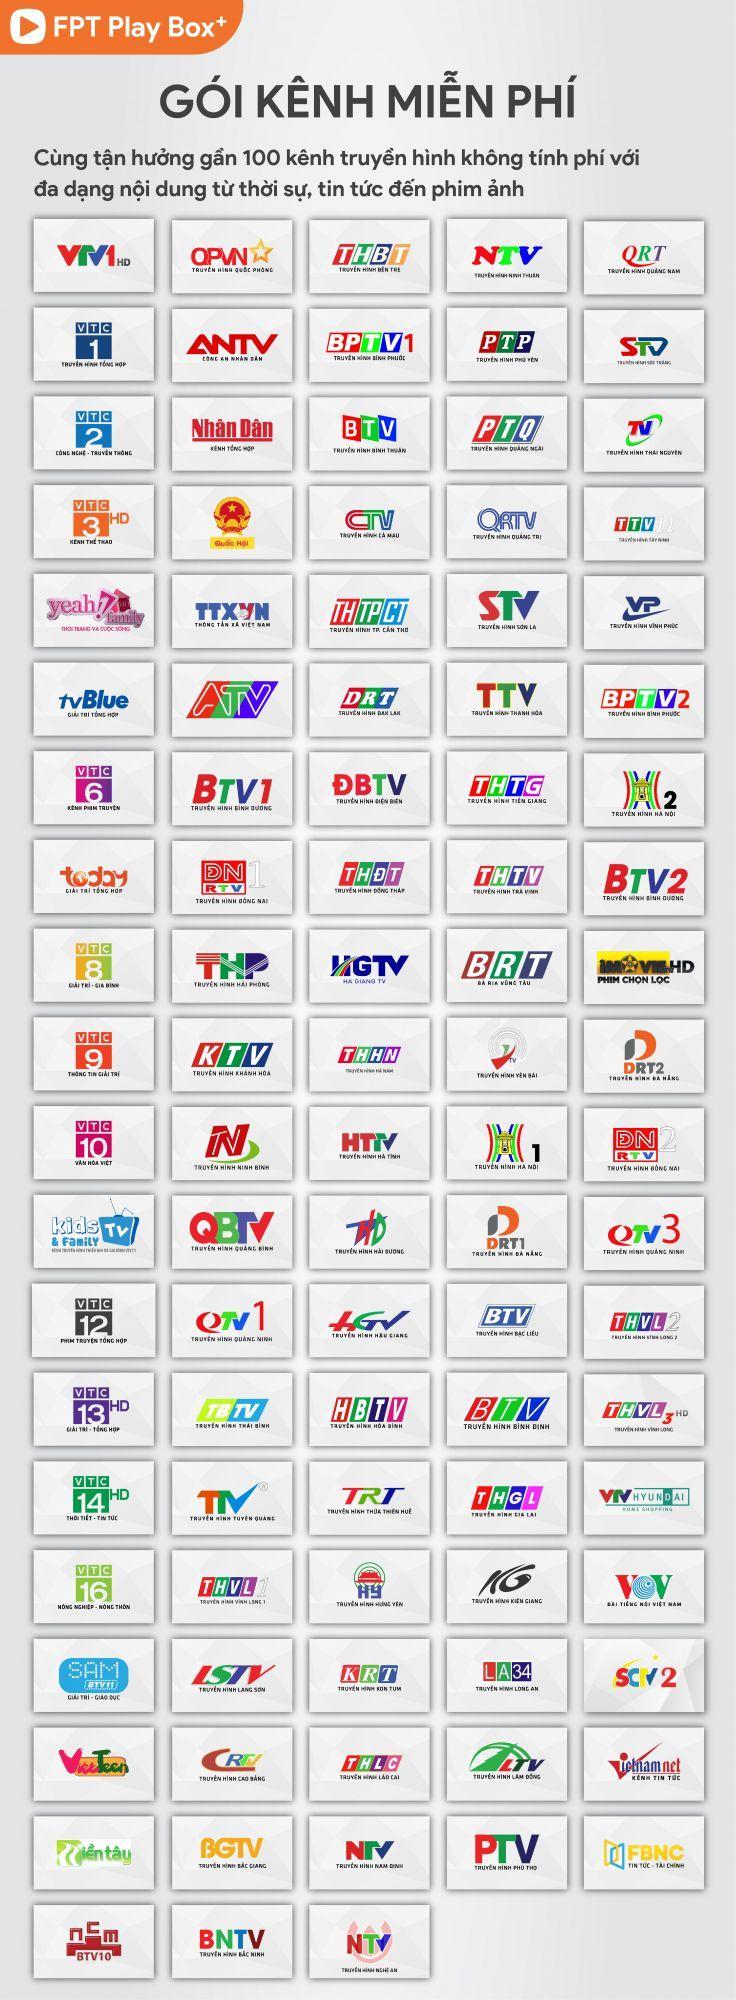 kênh truyền hình fpt play box miễn phí